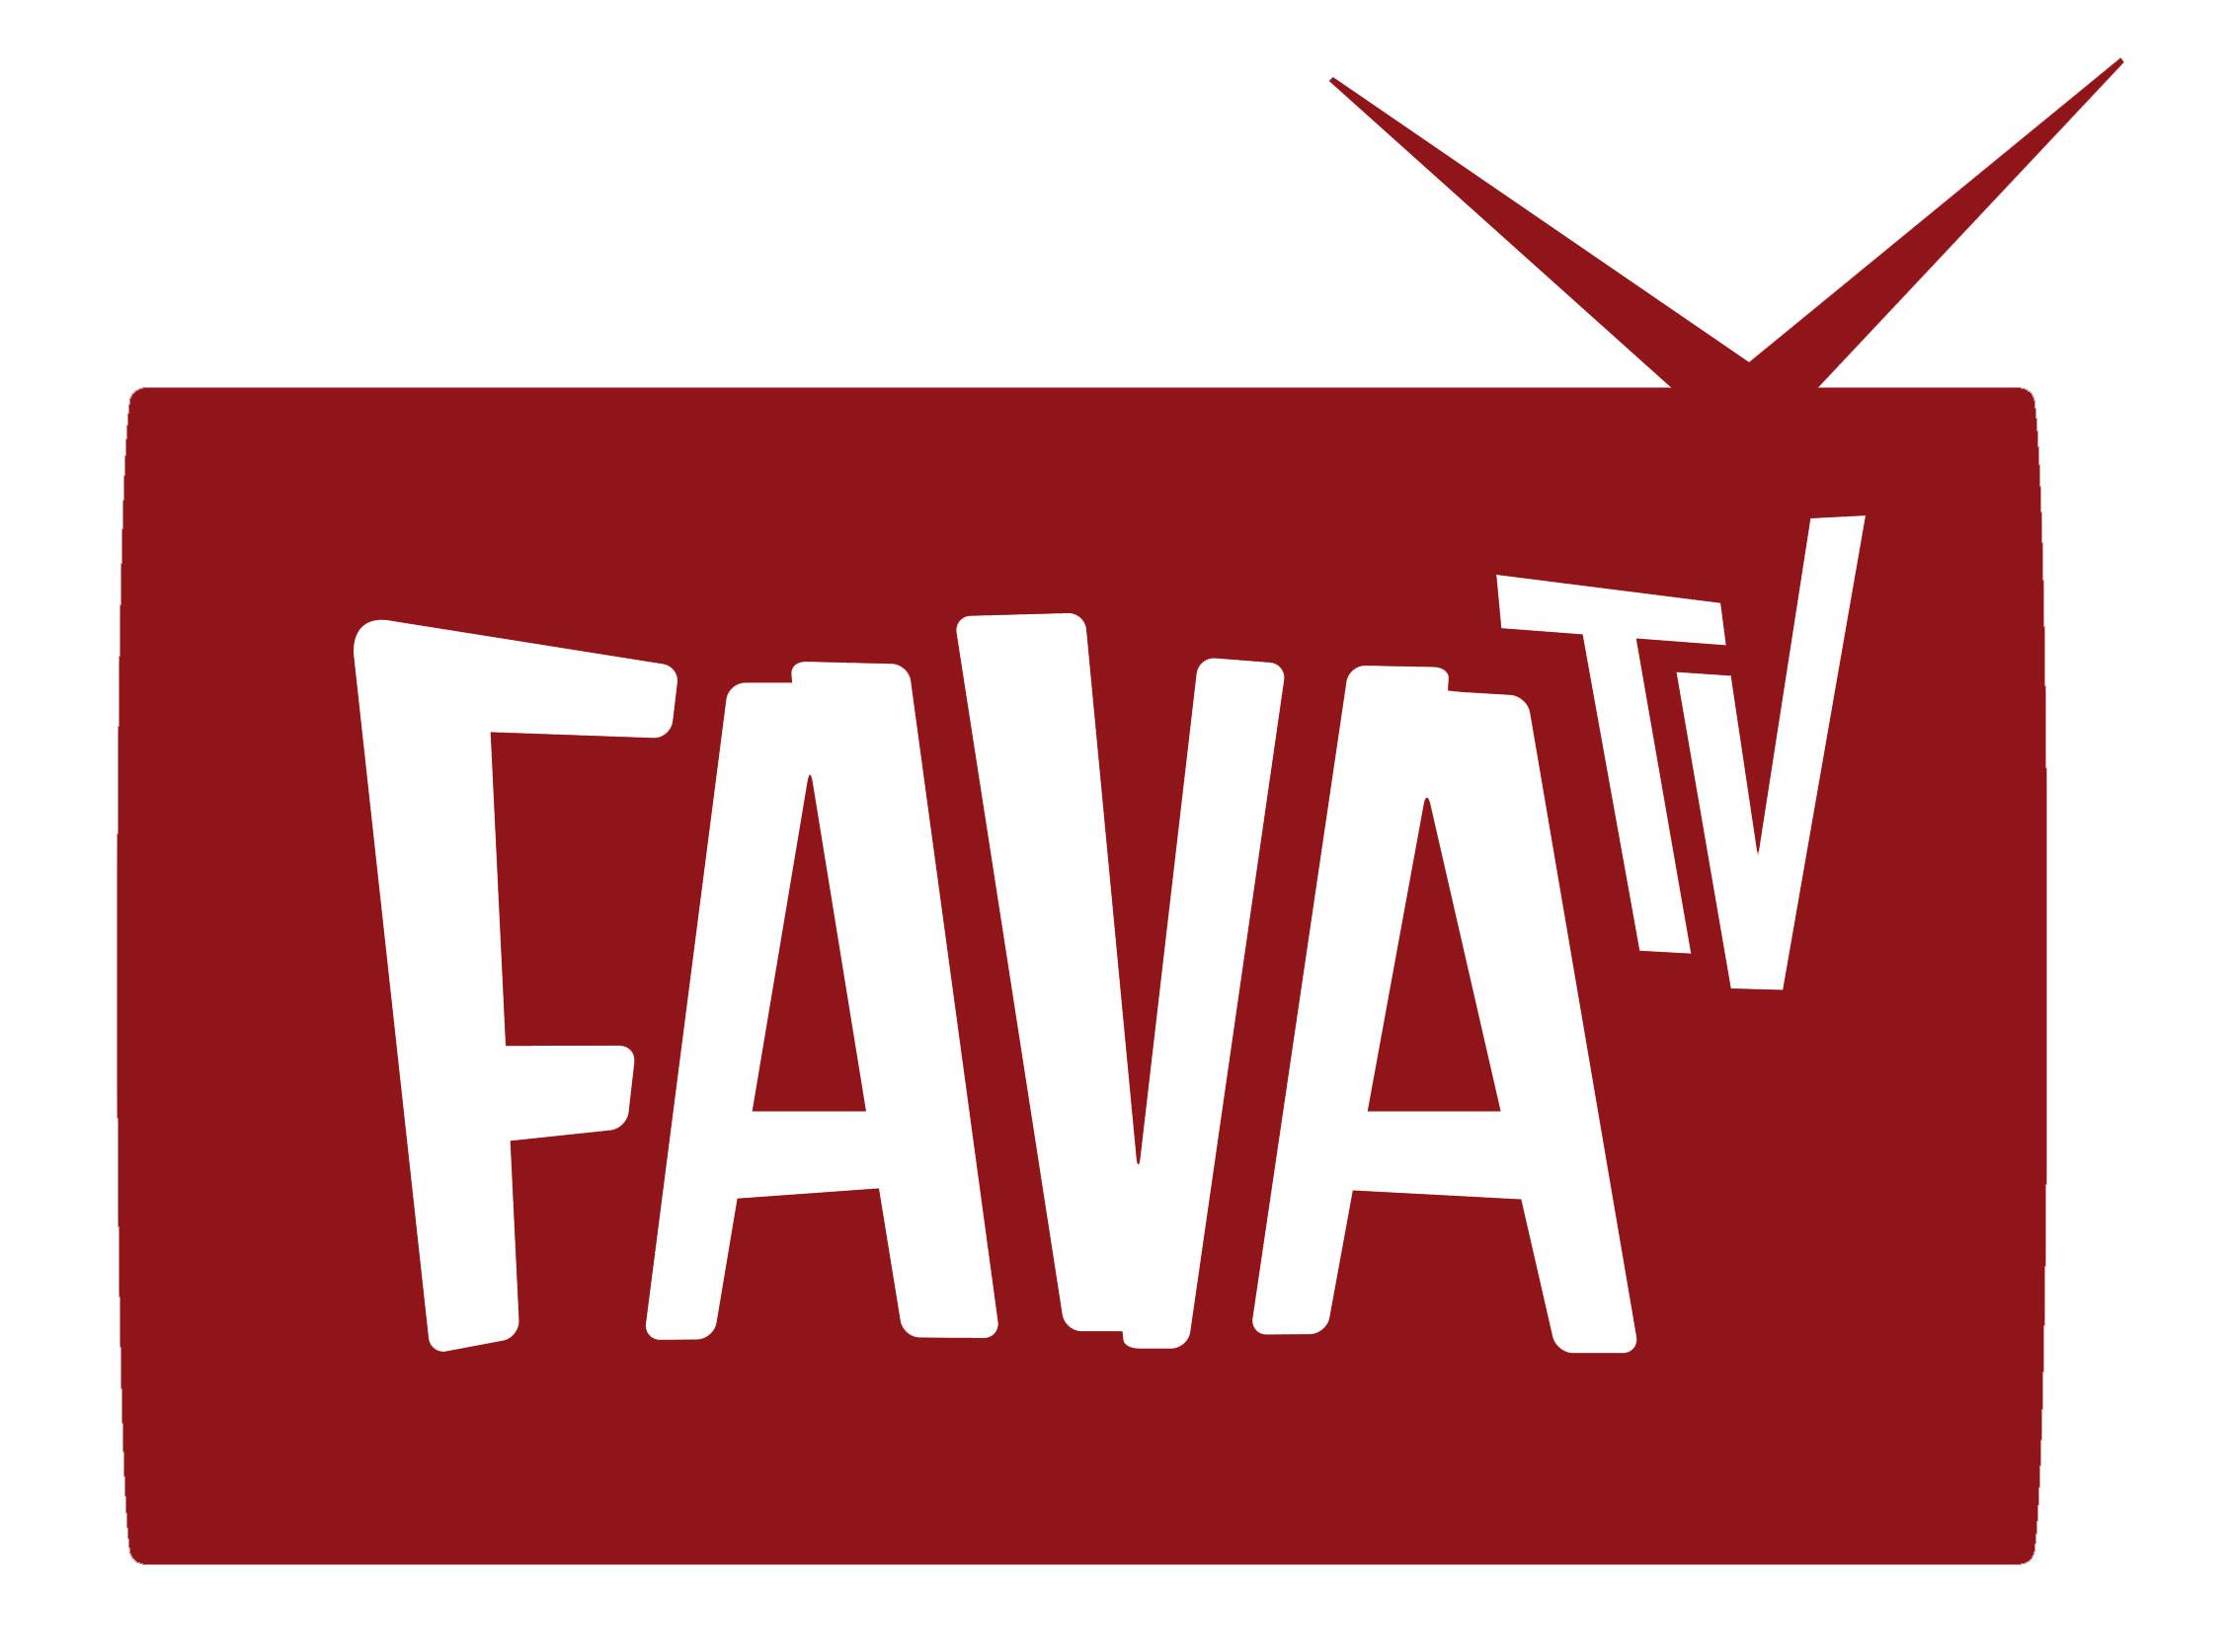 FAVATV-Logo-Color.jpg